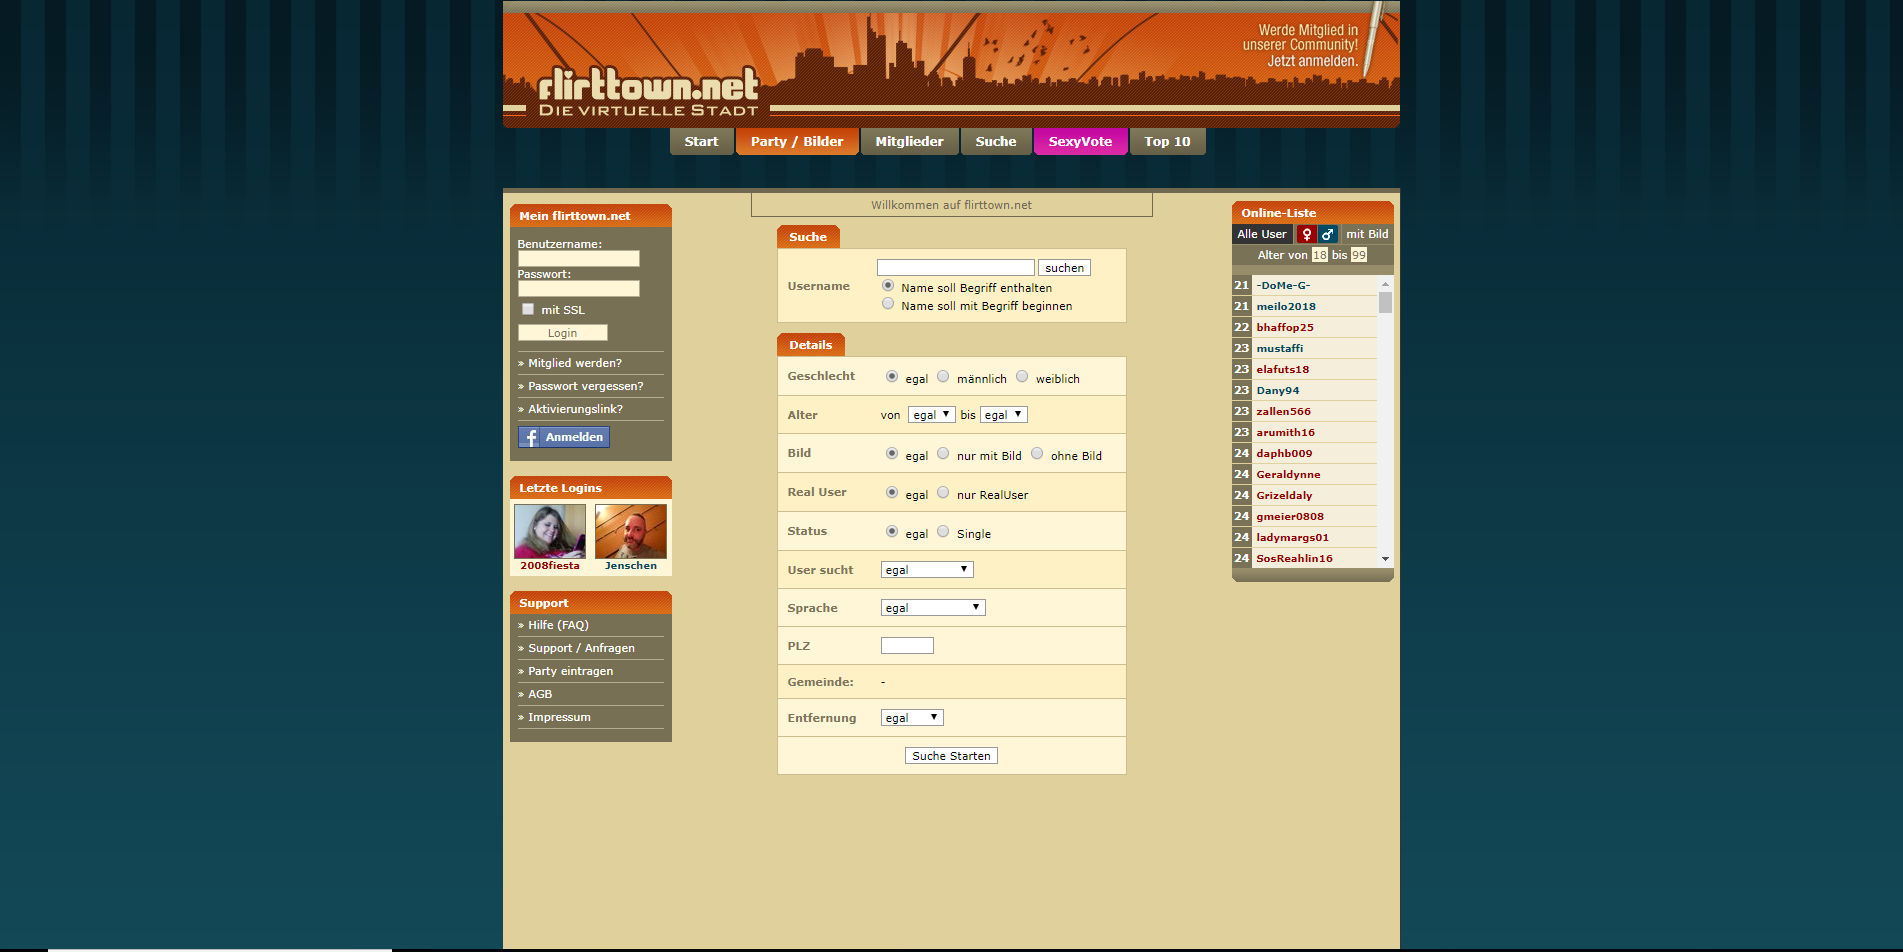 flirttown.net Partner Suche Suche Screenshot 2 | AZU